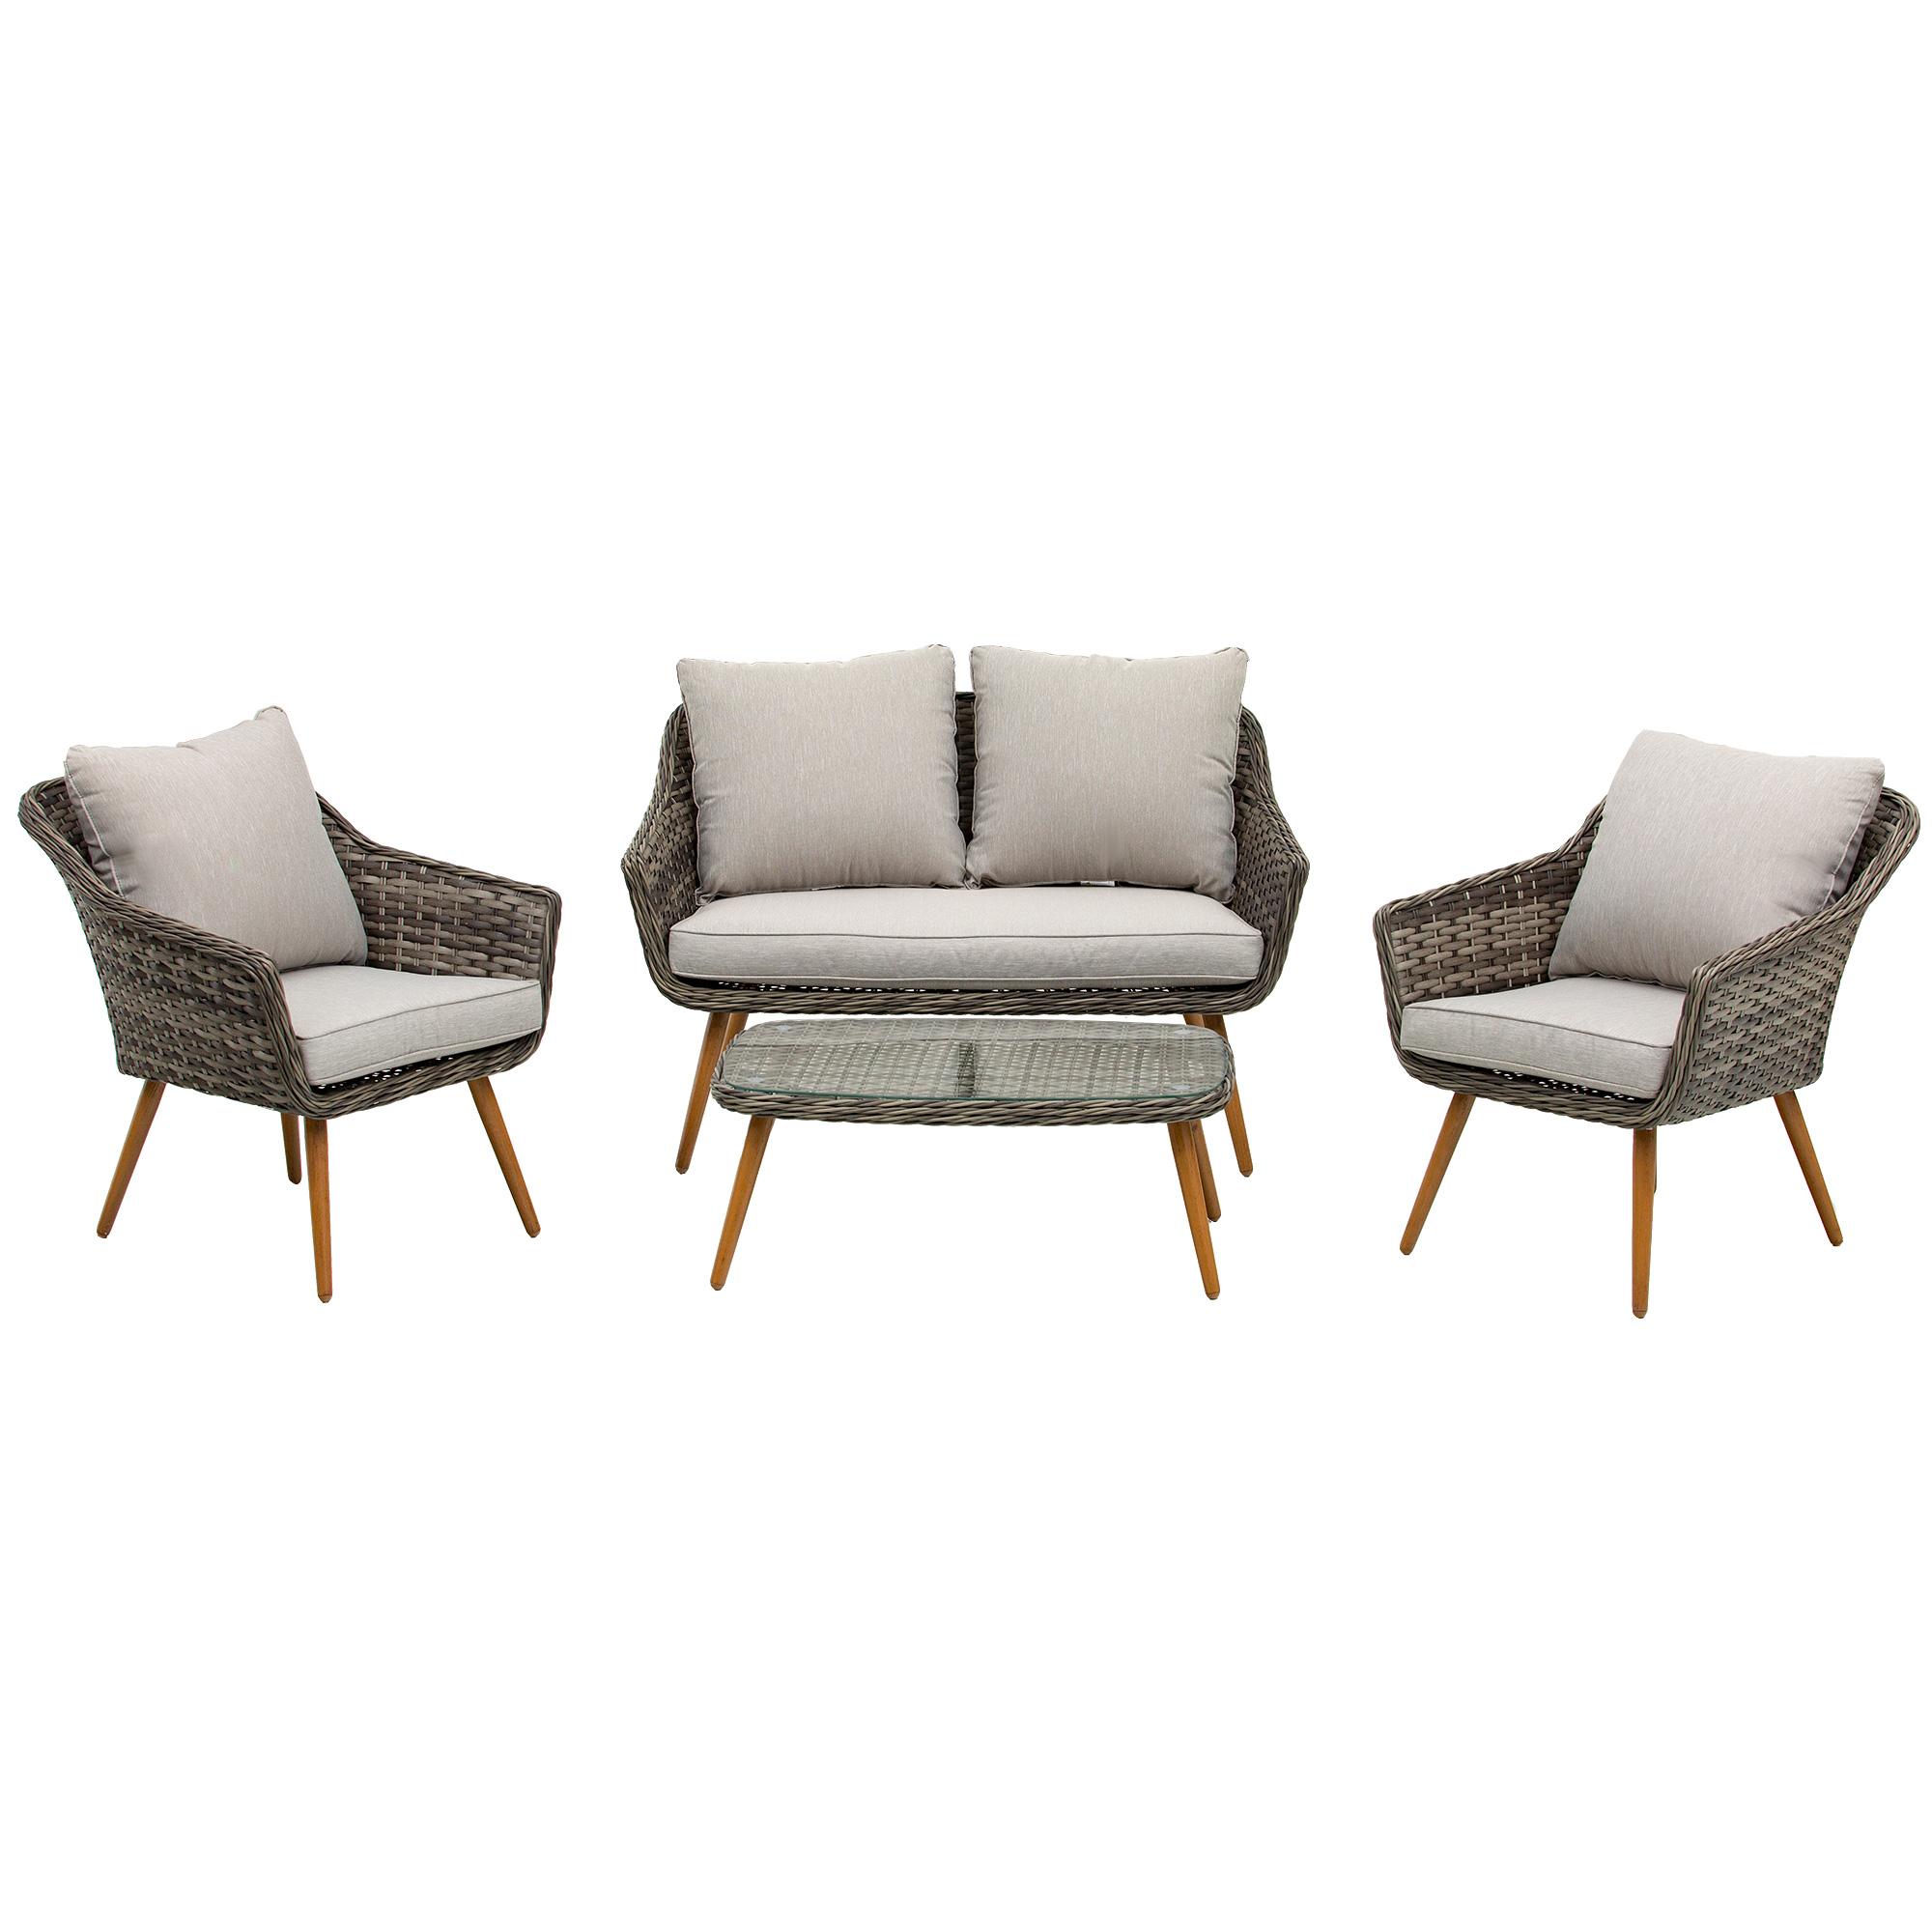 Salon de jardin 4 places 4 pièces design scandinave gris